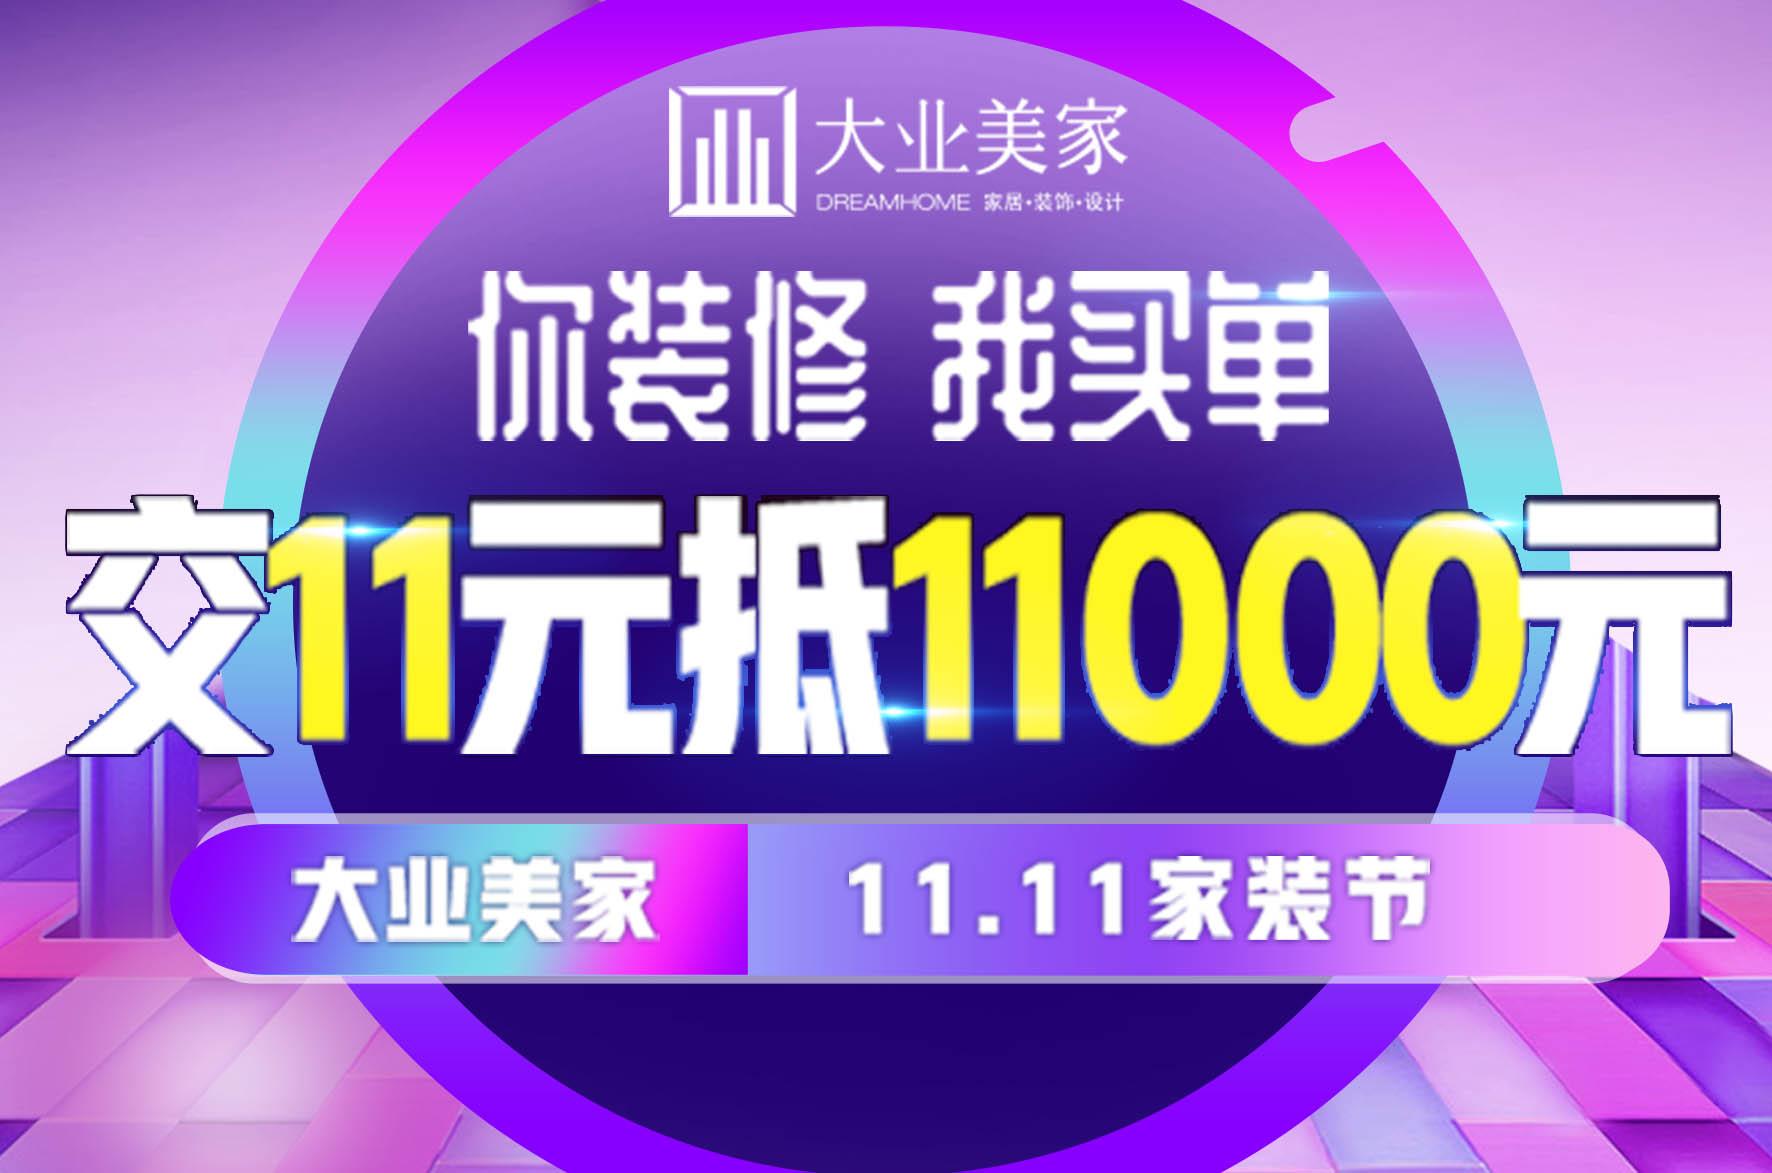 【11.11】双十一家装节,交11元抵11000元!